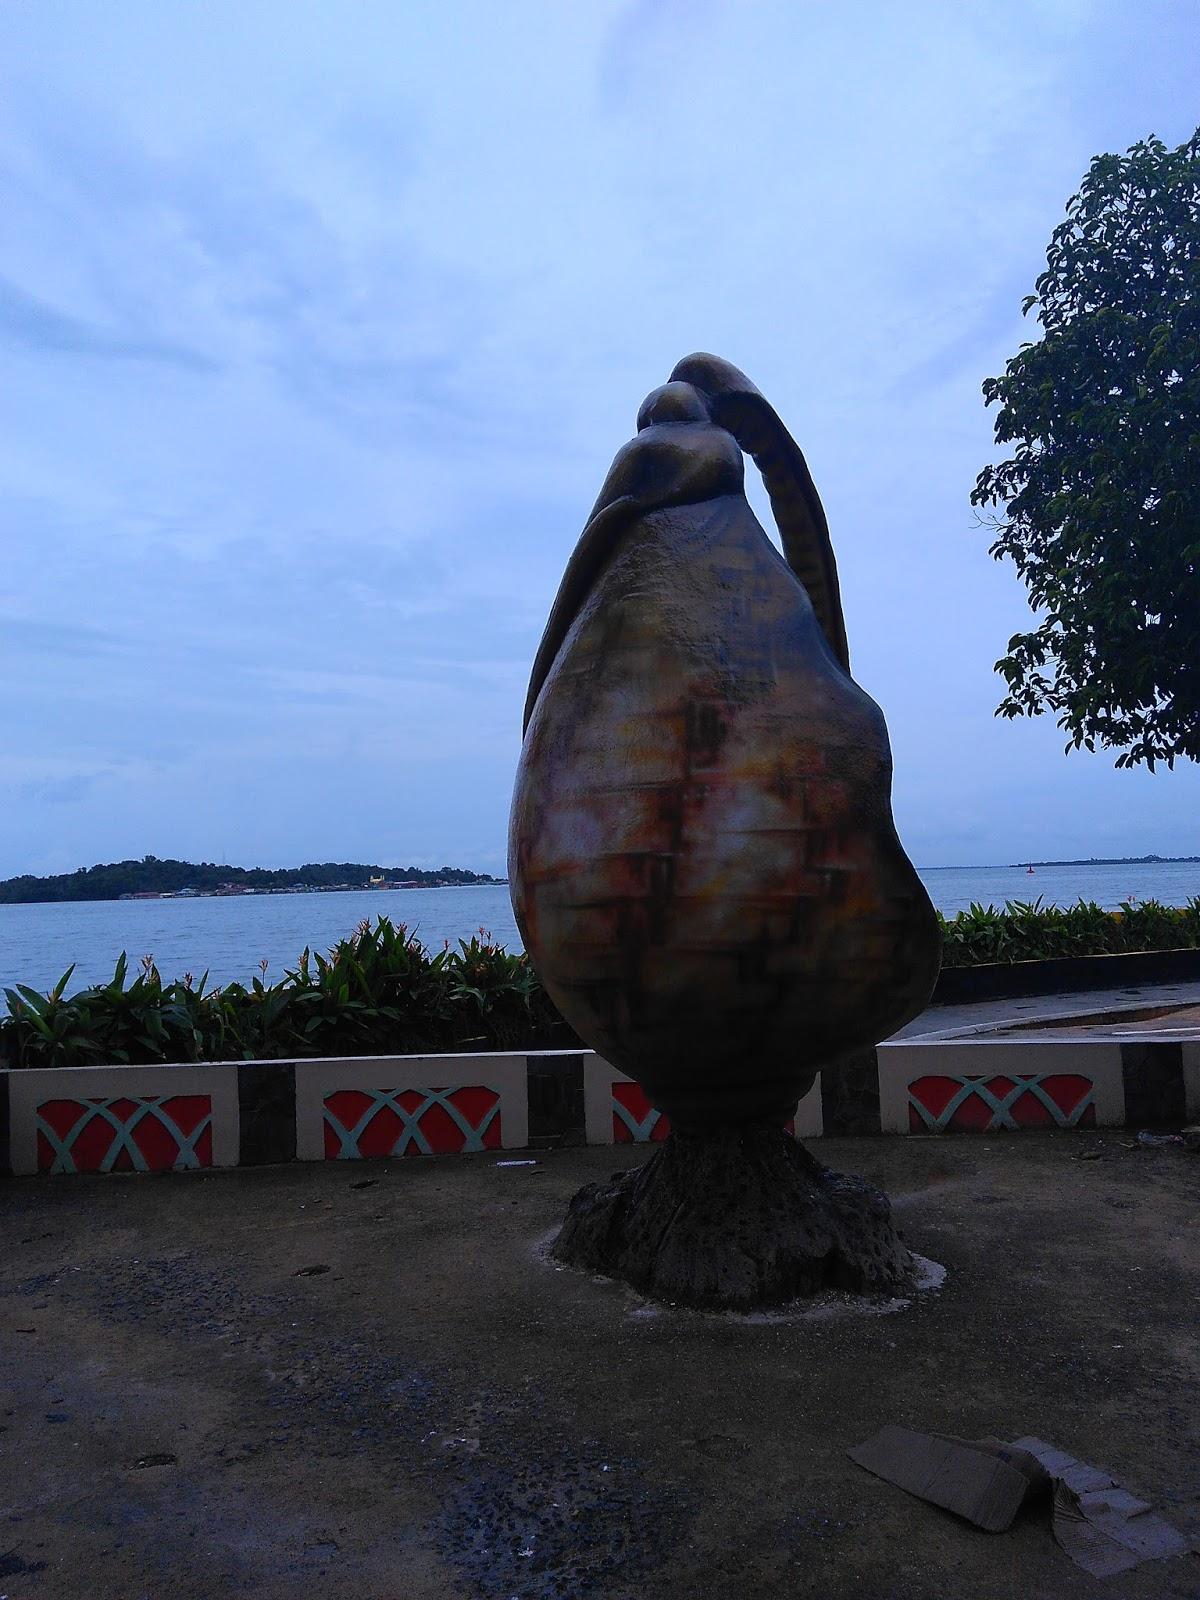 Blog Siunthel Gonggong Icon Kota Tanjungpinang Terletak Taman Tepi Laut